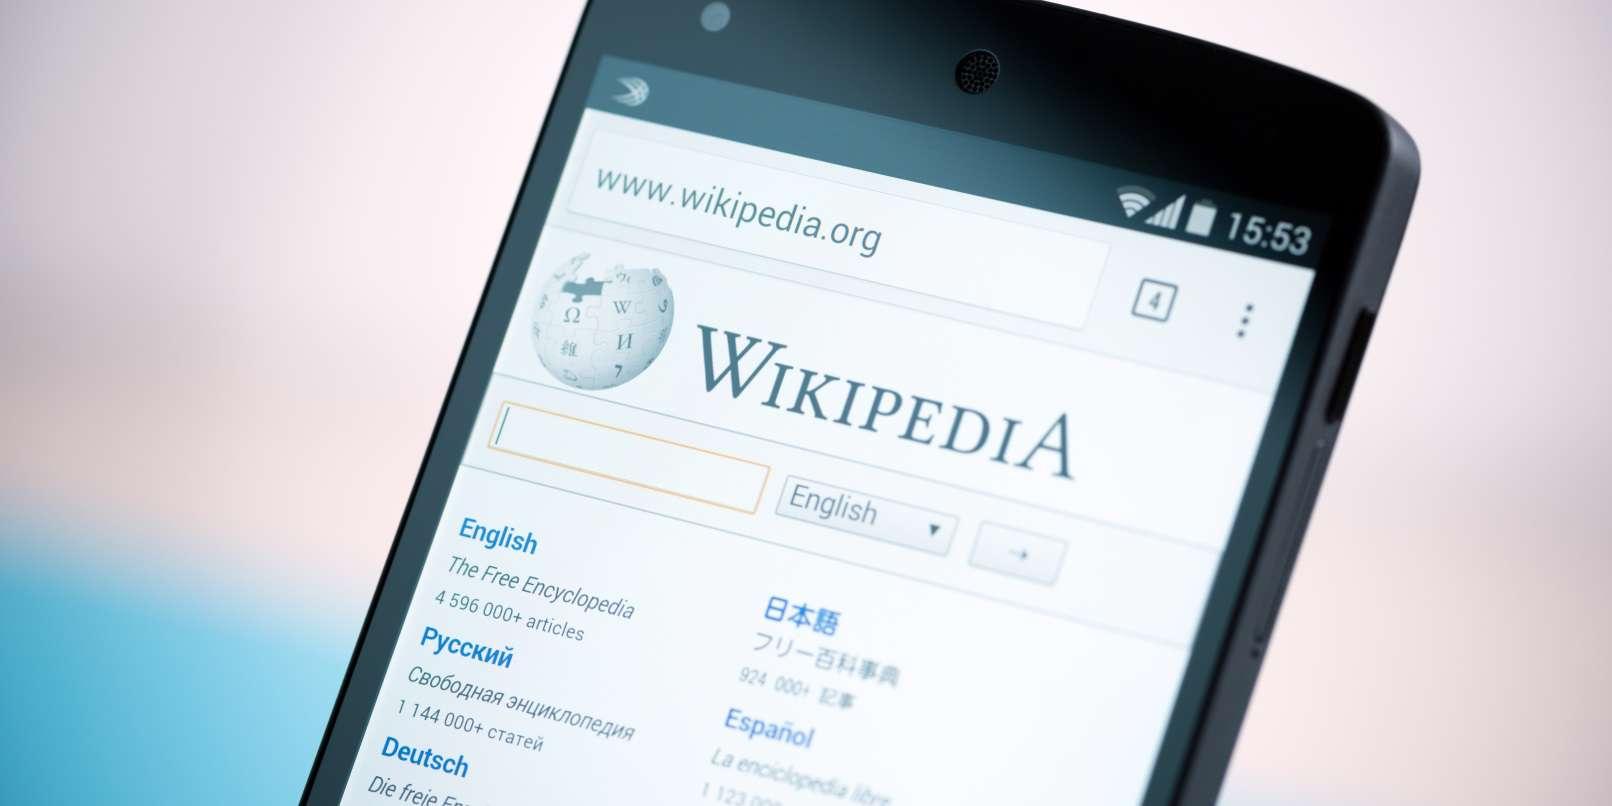 دانلود نرم افزار کاربردی رسمی سایت ویکی پدیا Wikipedia 2.4.157 برای اندروید